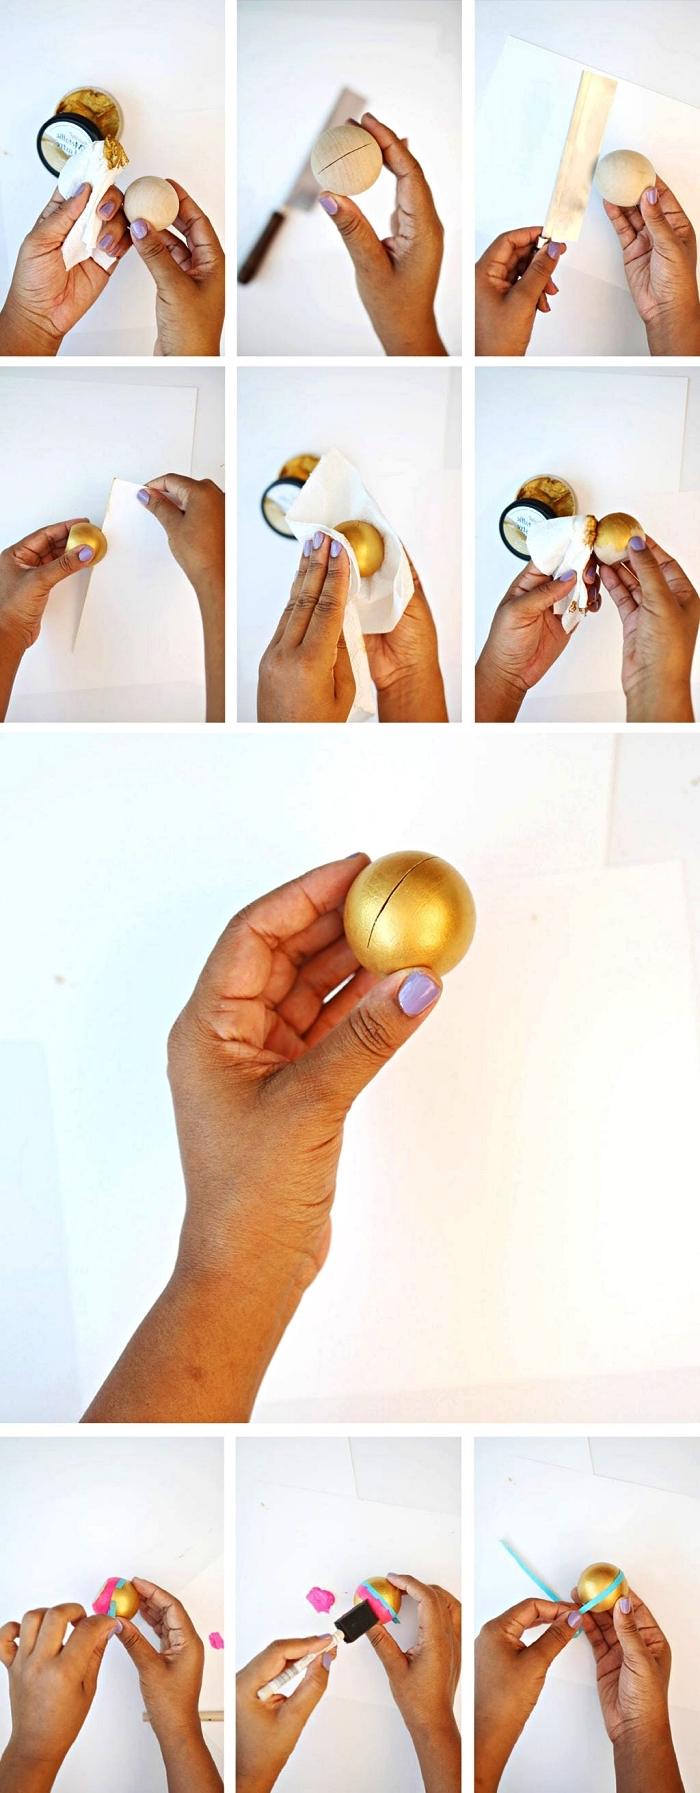 activité manuelle adulte, tuto pour réaliser un porte photo en bouton de porte boule en bois peint en rose et or